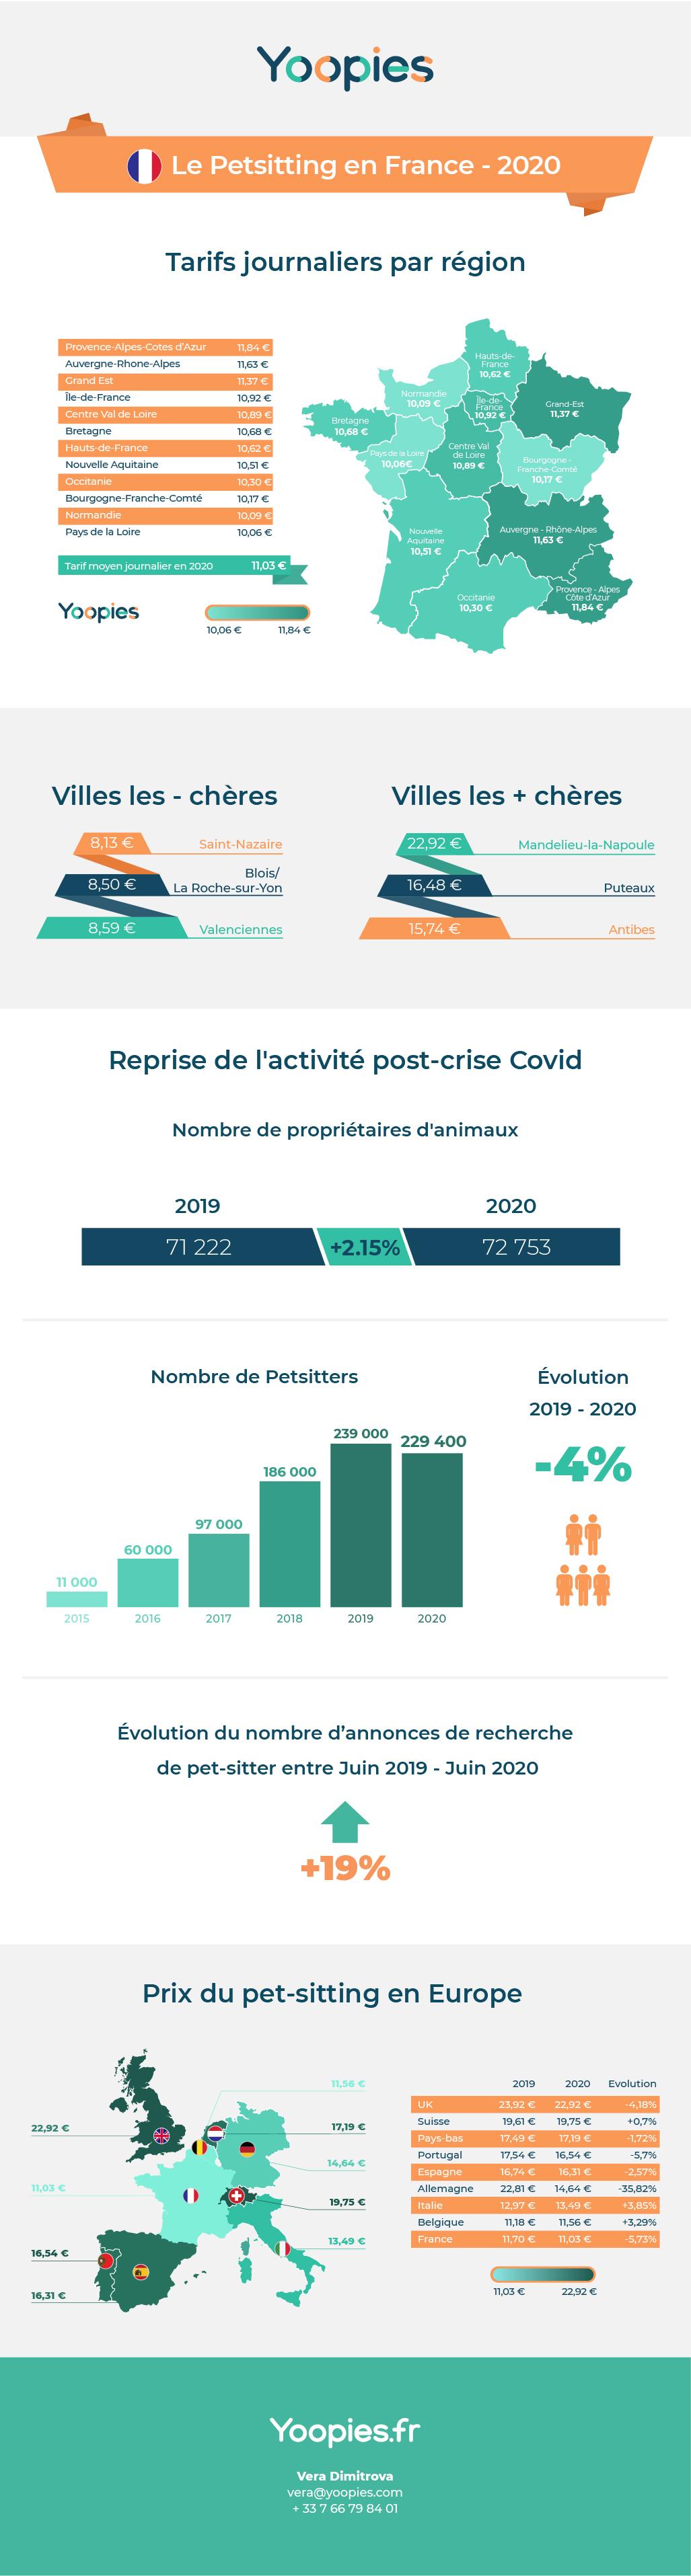 Infographie - Coût du pet-sitting en France 2020